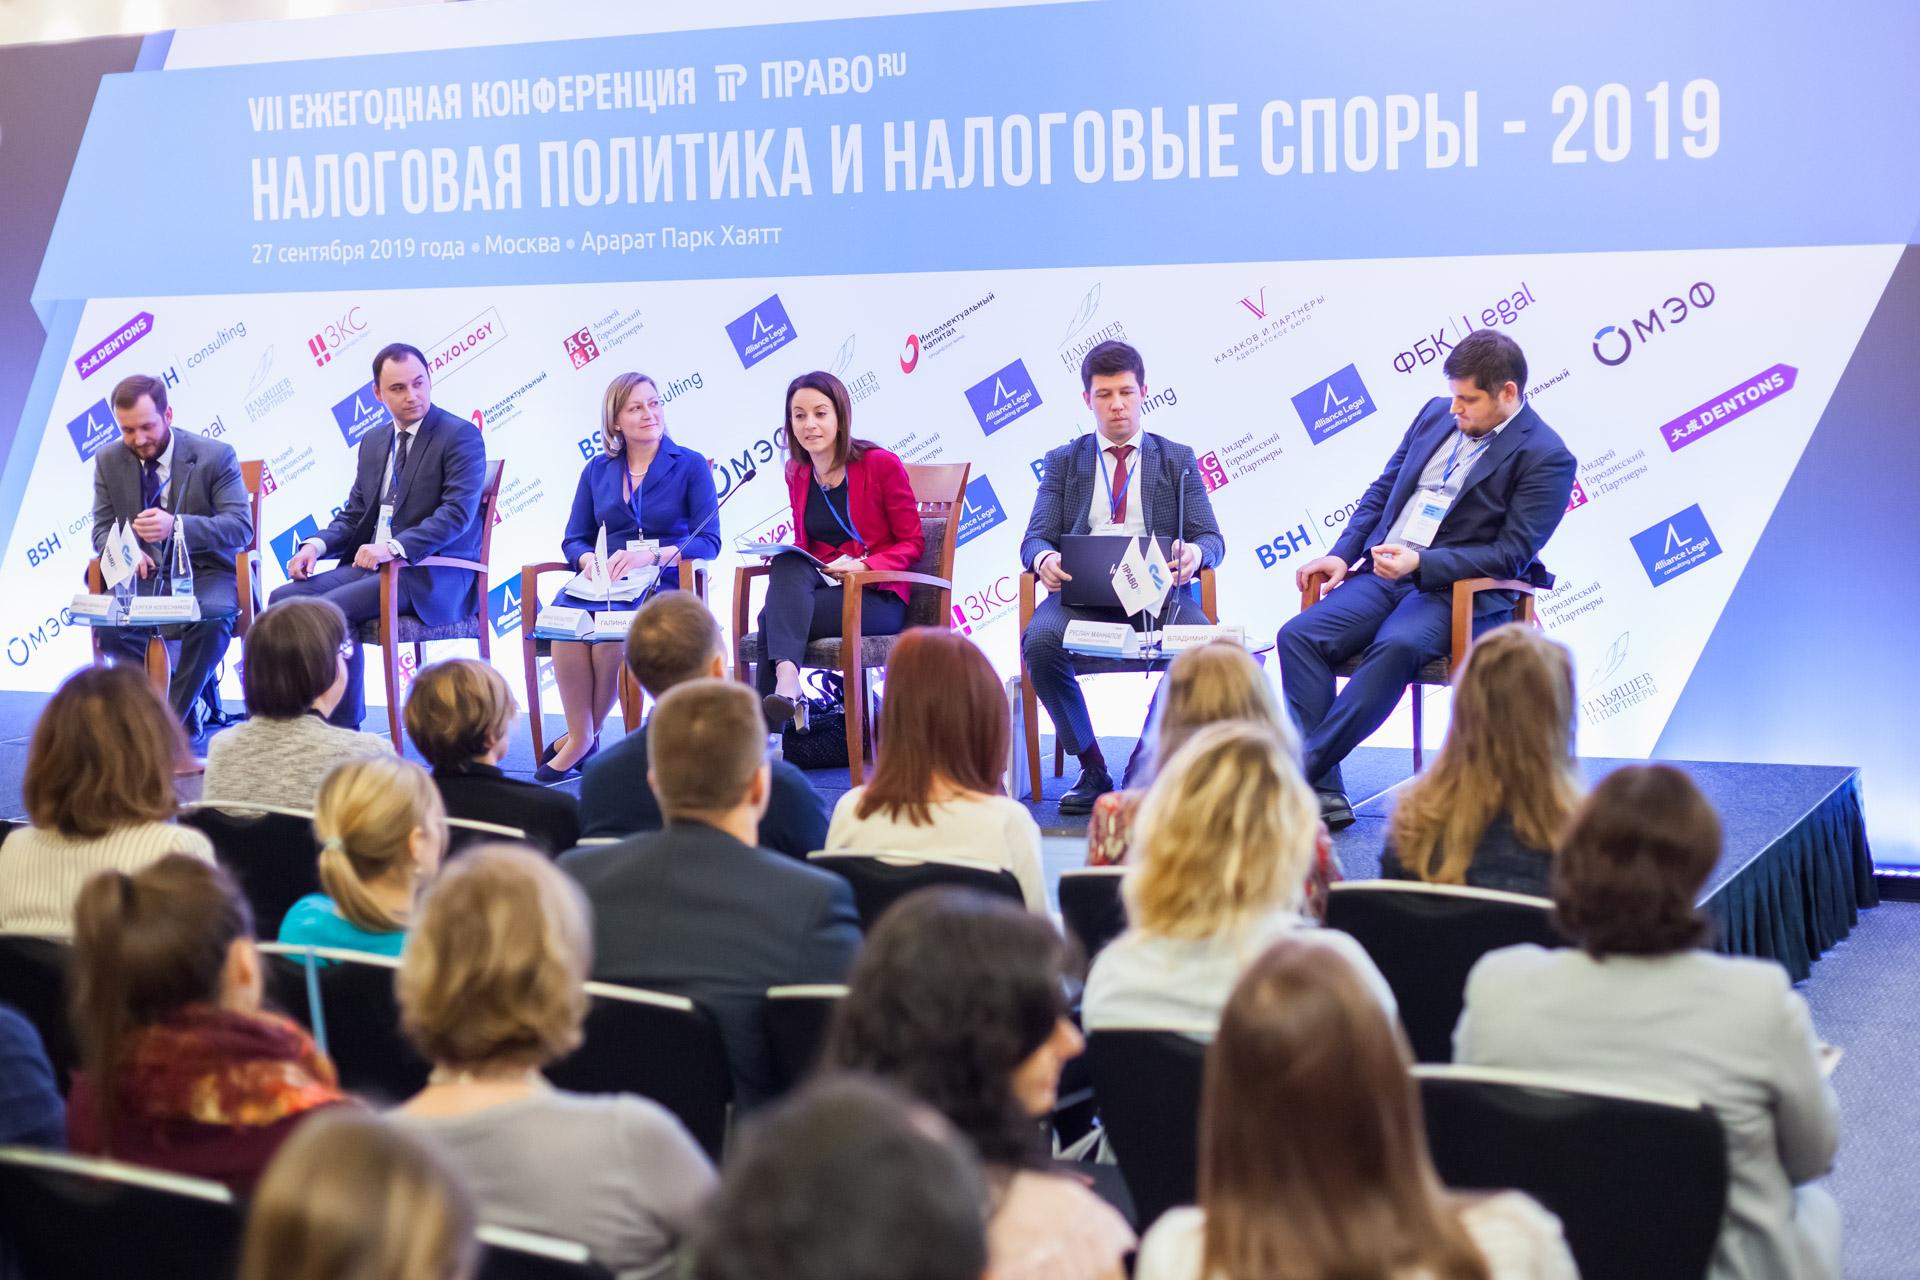 Партнер BSH consulting Инна Бацылева выступила в качестве спикера на конференции «Налоговая политика и налоговые споры – 2019»